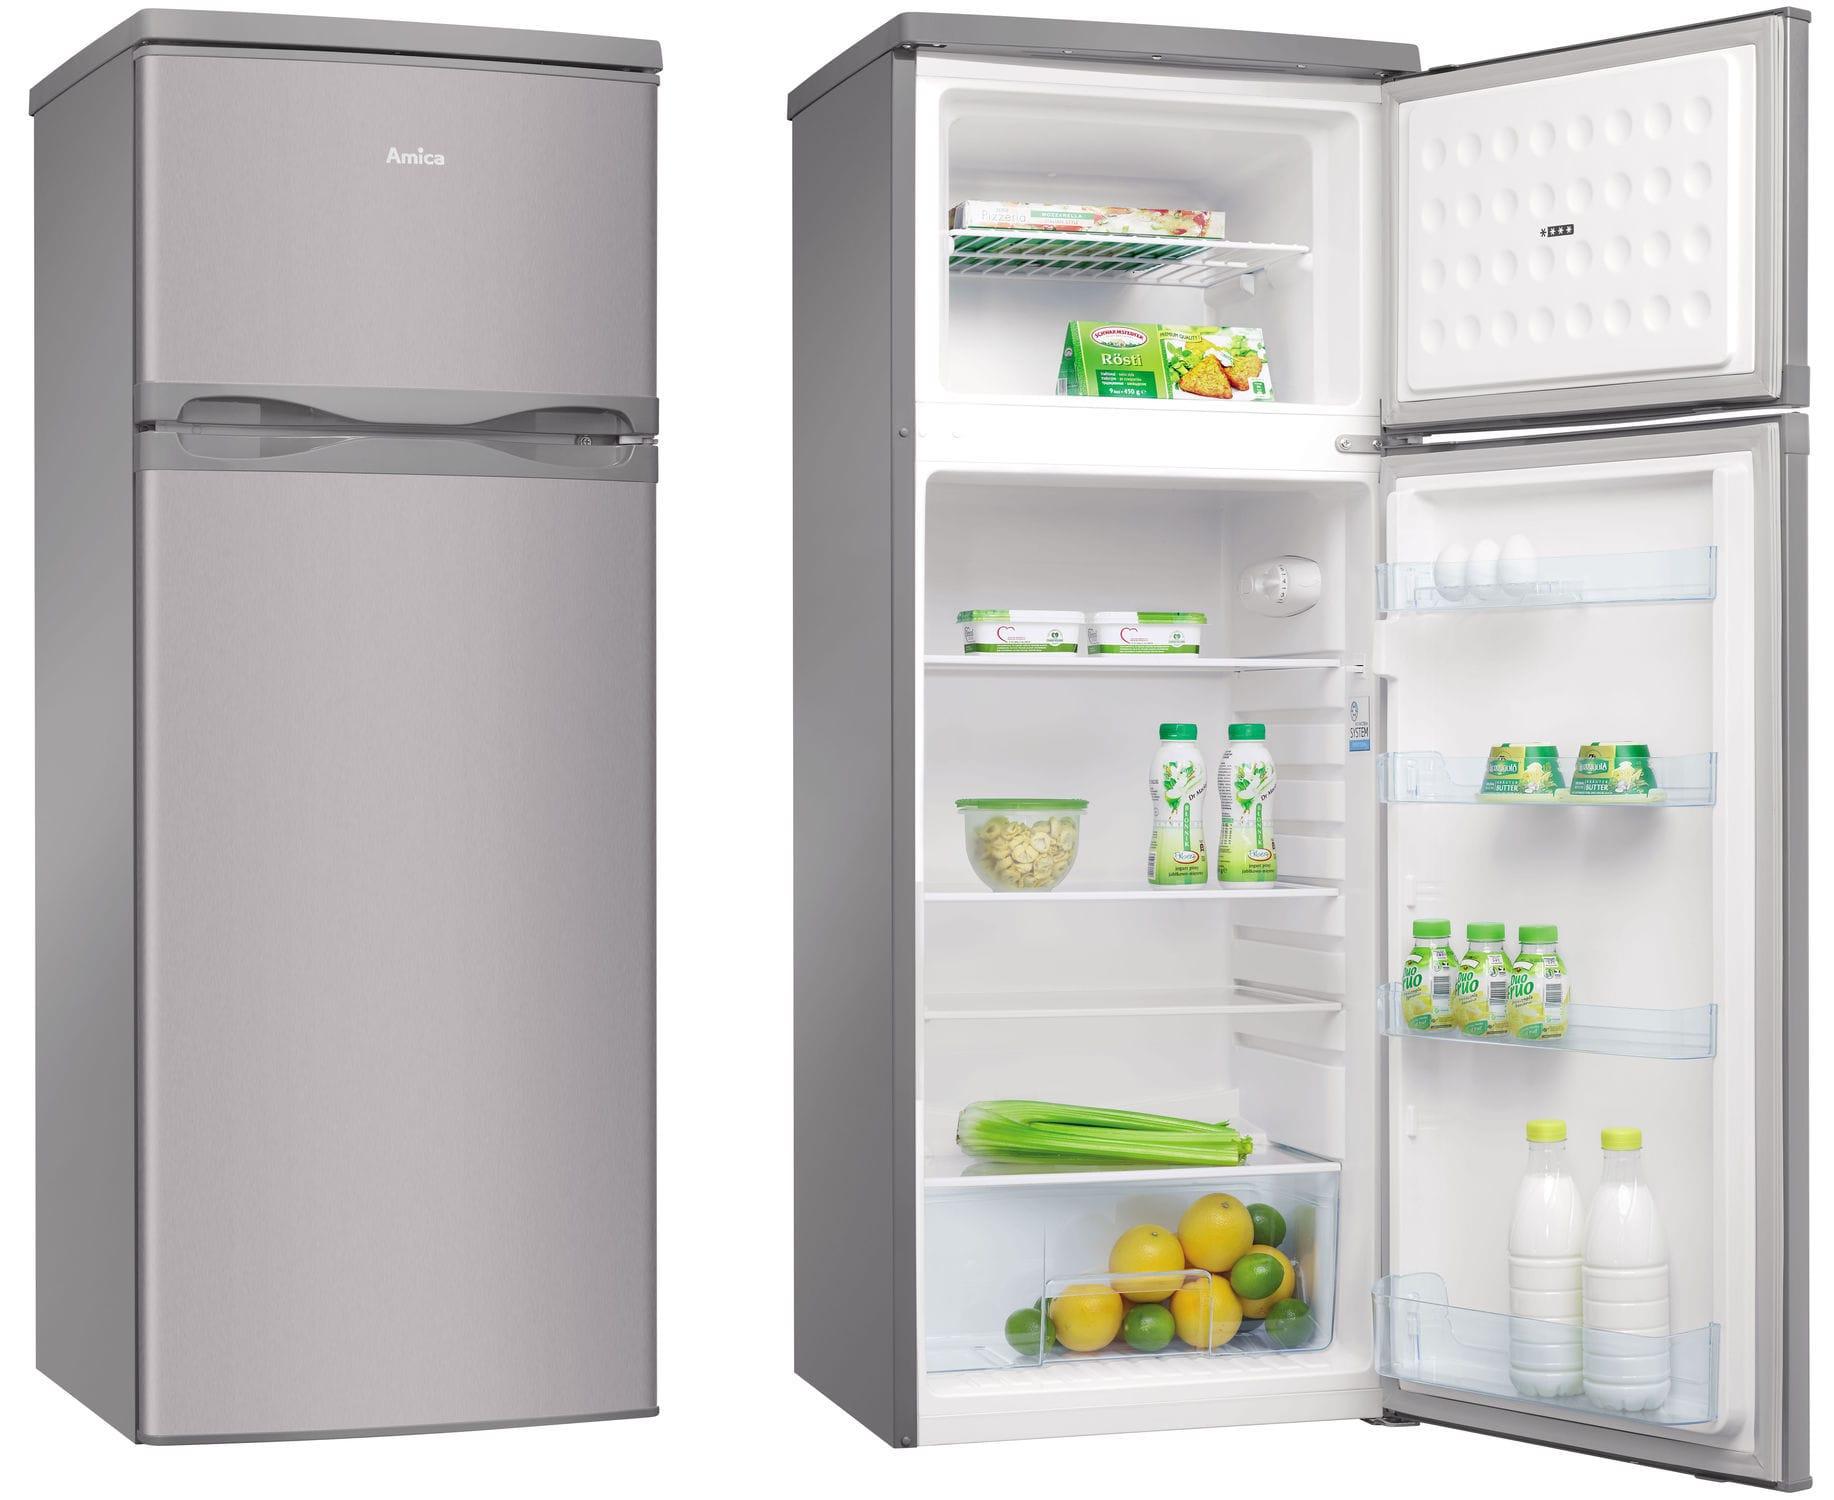 Residential Refrigerator Freezer / Double Door / Top Freezer   FD225.4X